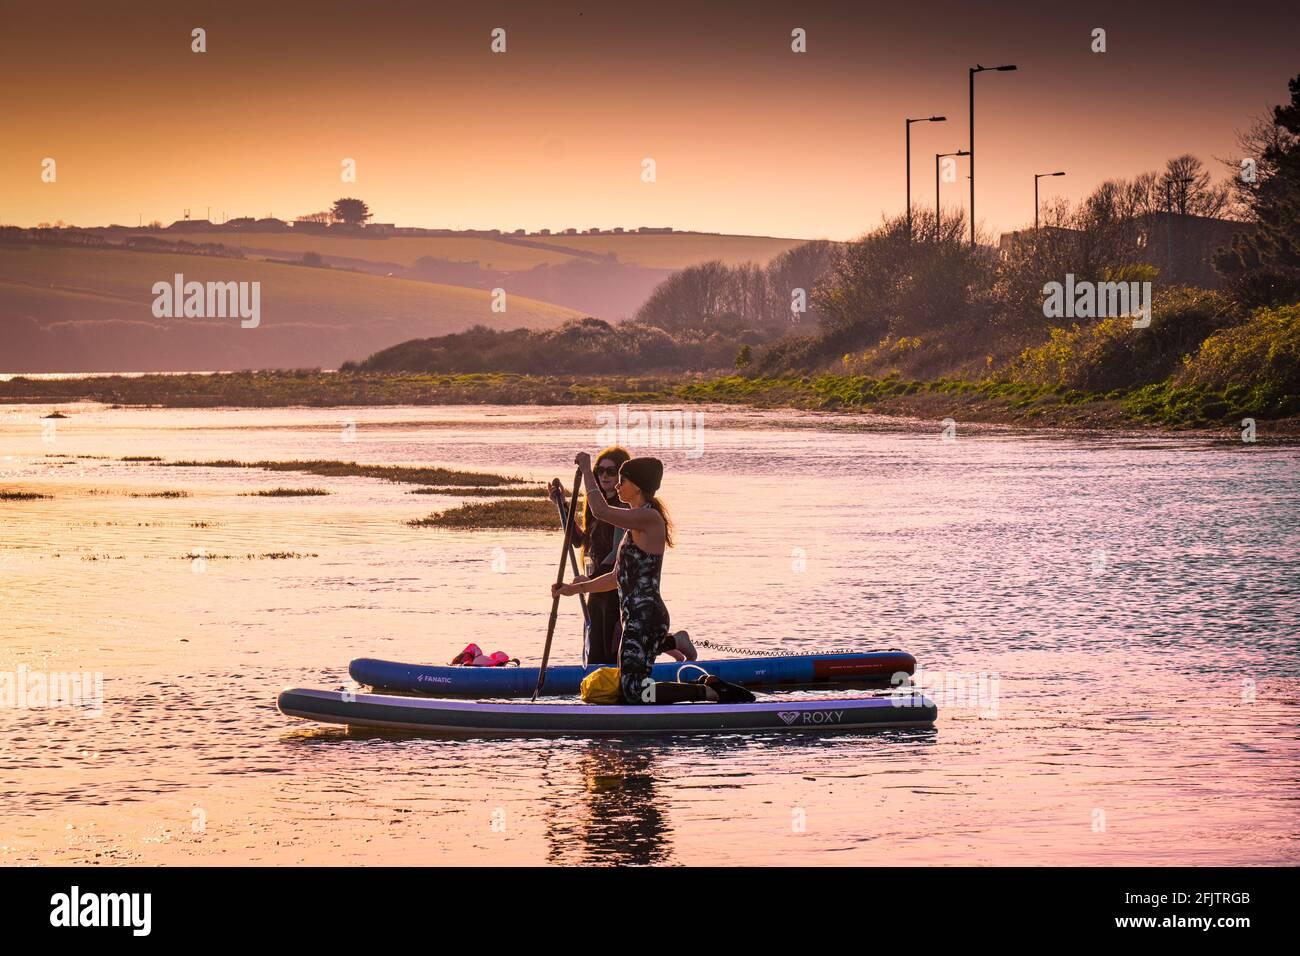 Feu d'or en soirée, deux planchistes femelles sur les paddleboards Stand Up paddle à marée haute sur la rivière Gannel à Newquay dans les Cornouailles. Banque D'Images